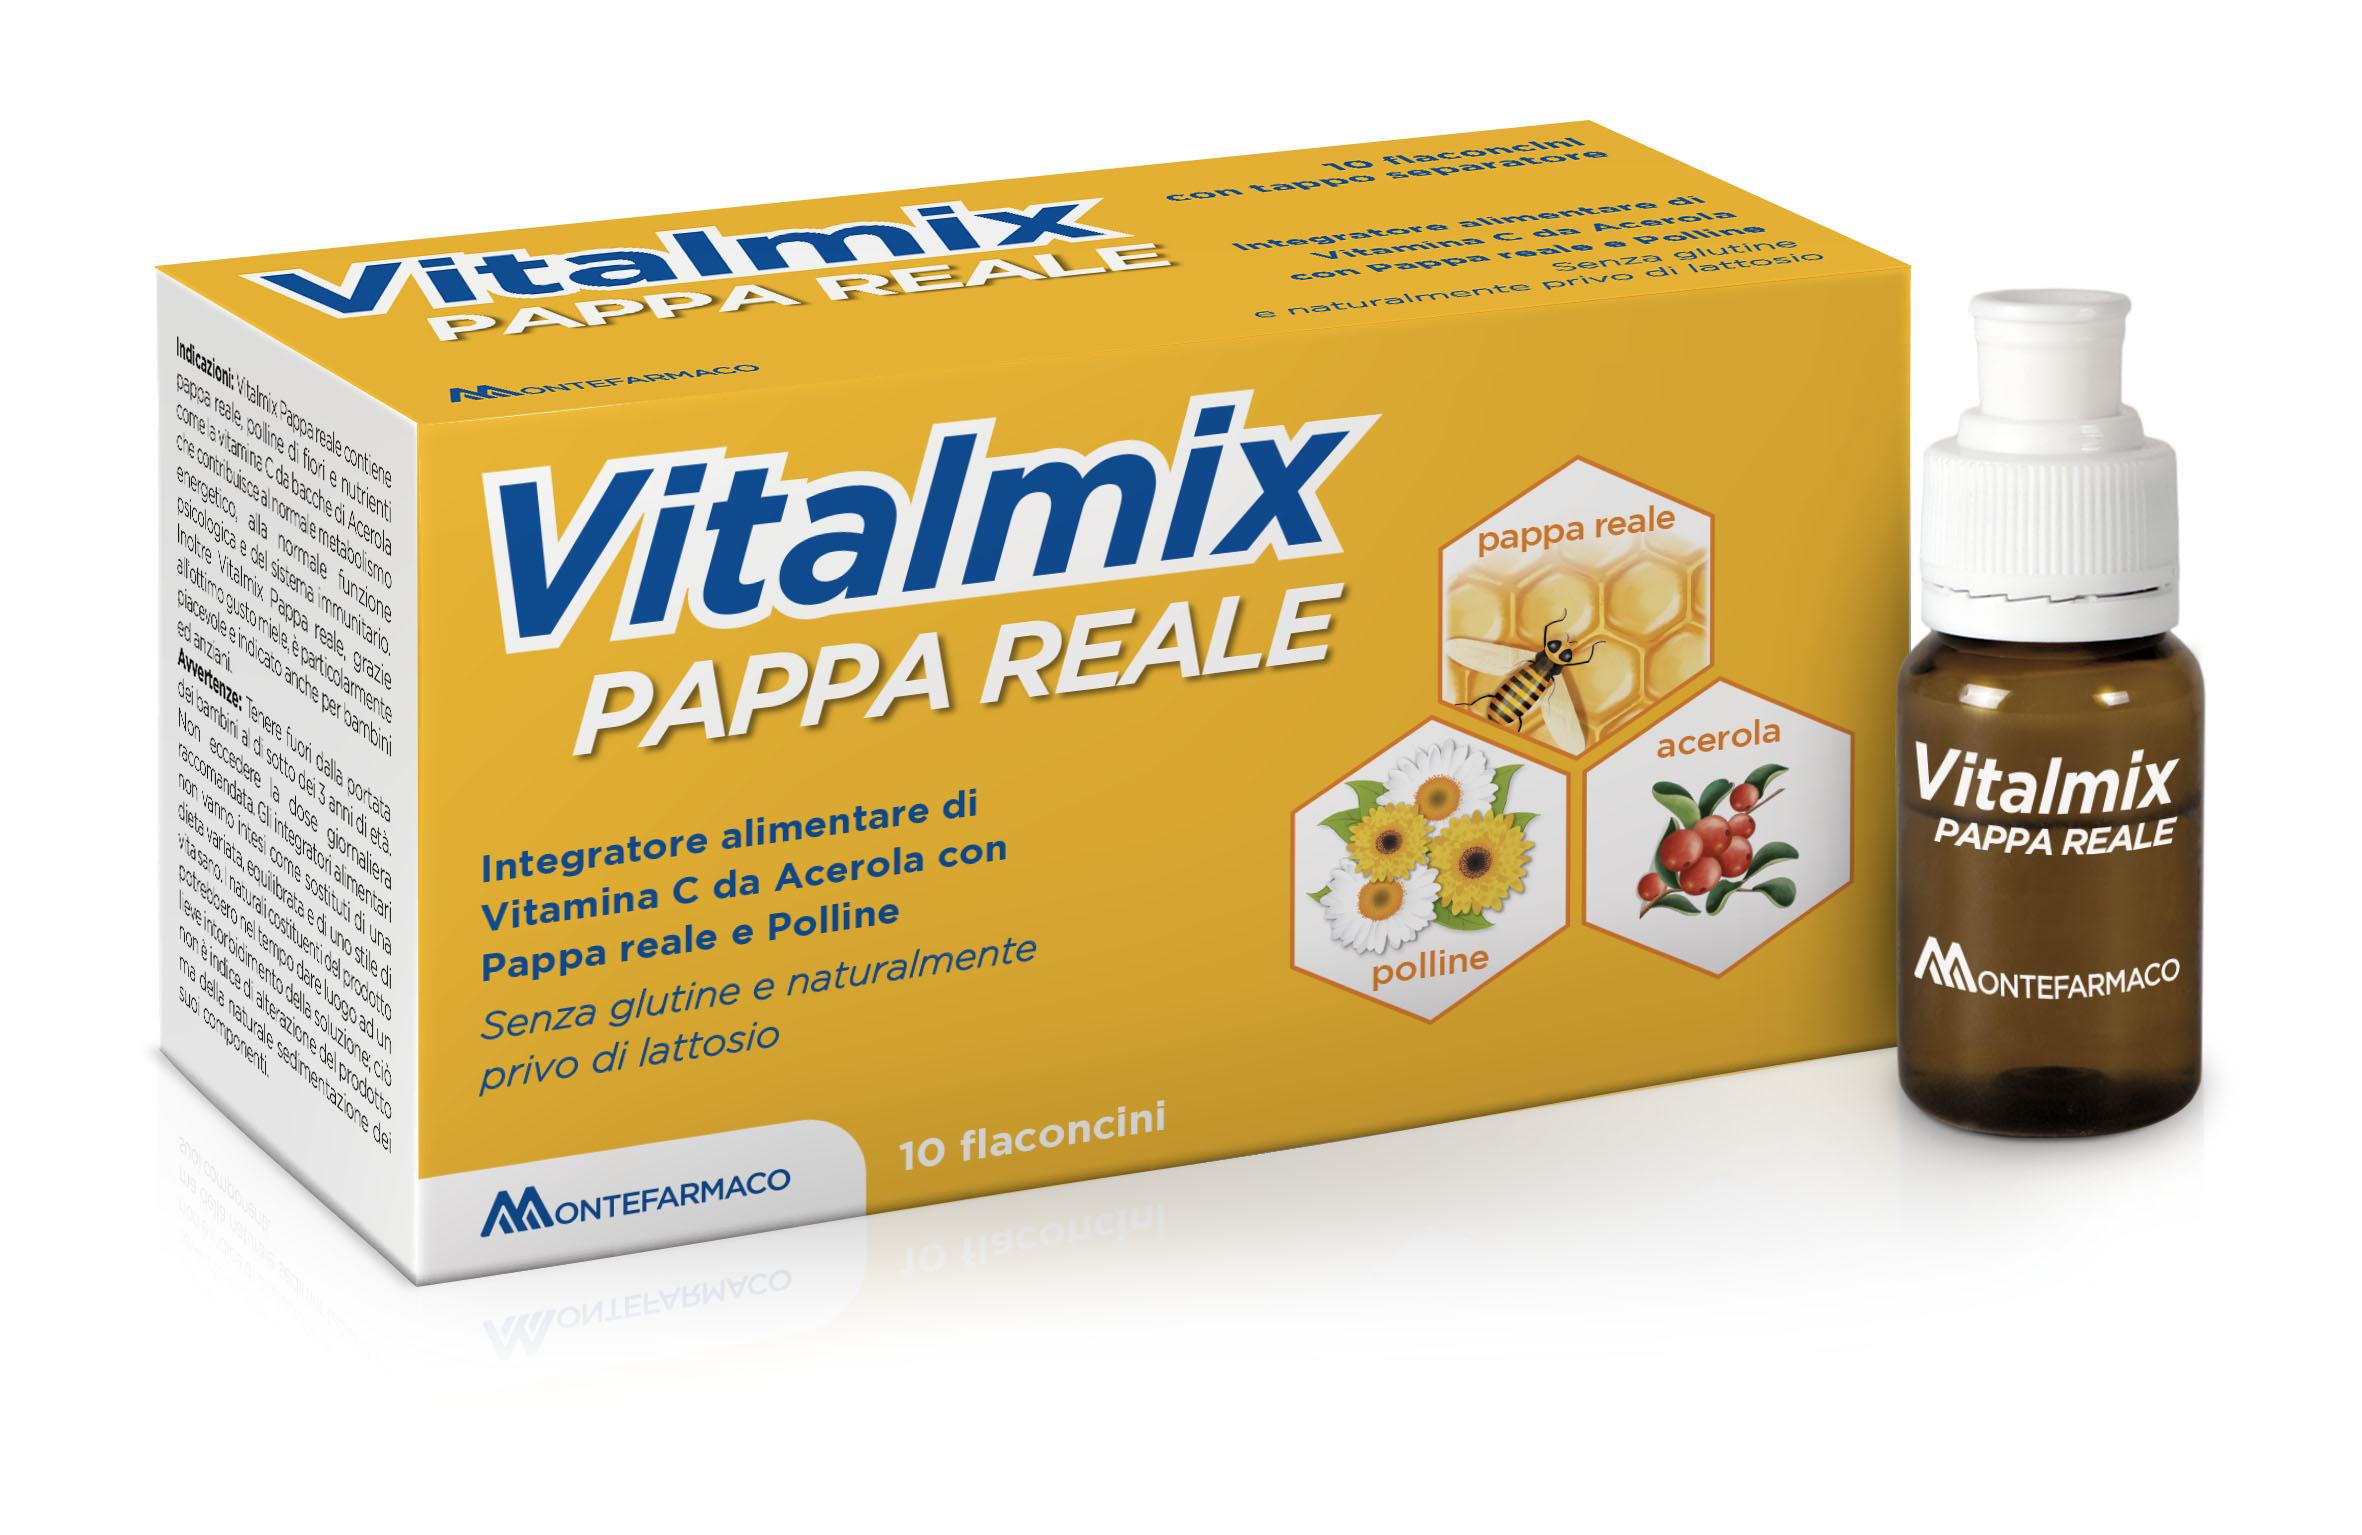 Vitalmix-royal-jelly-Montefarmaco